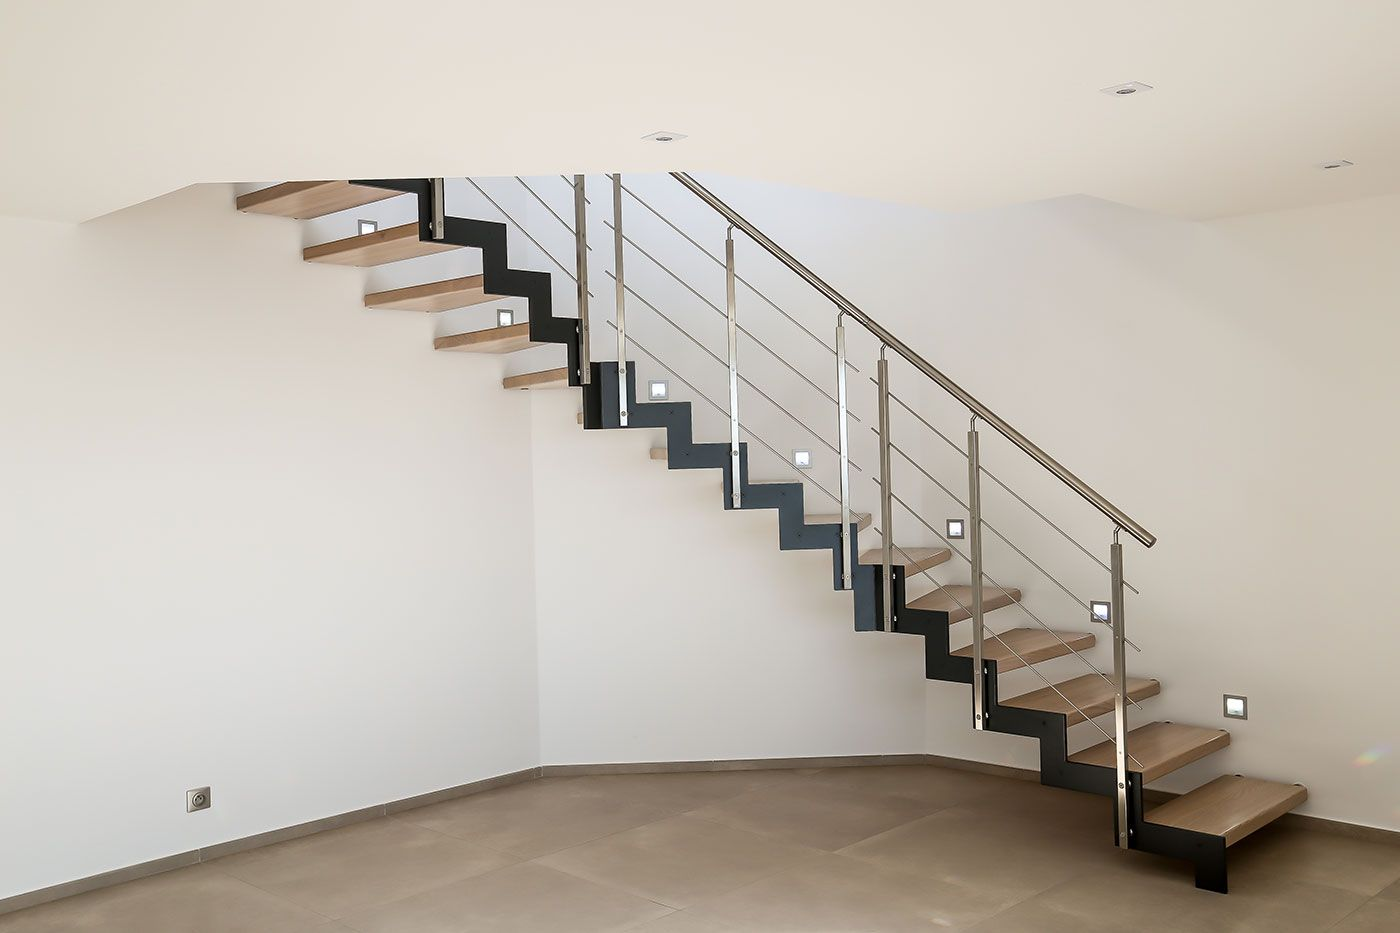 Passion Bois tout escalier métal et bois signé passion bois, spécialiste de l'escalier